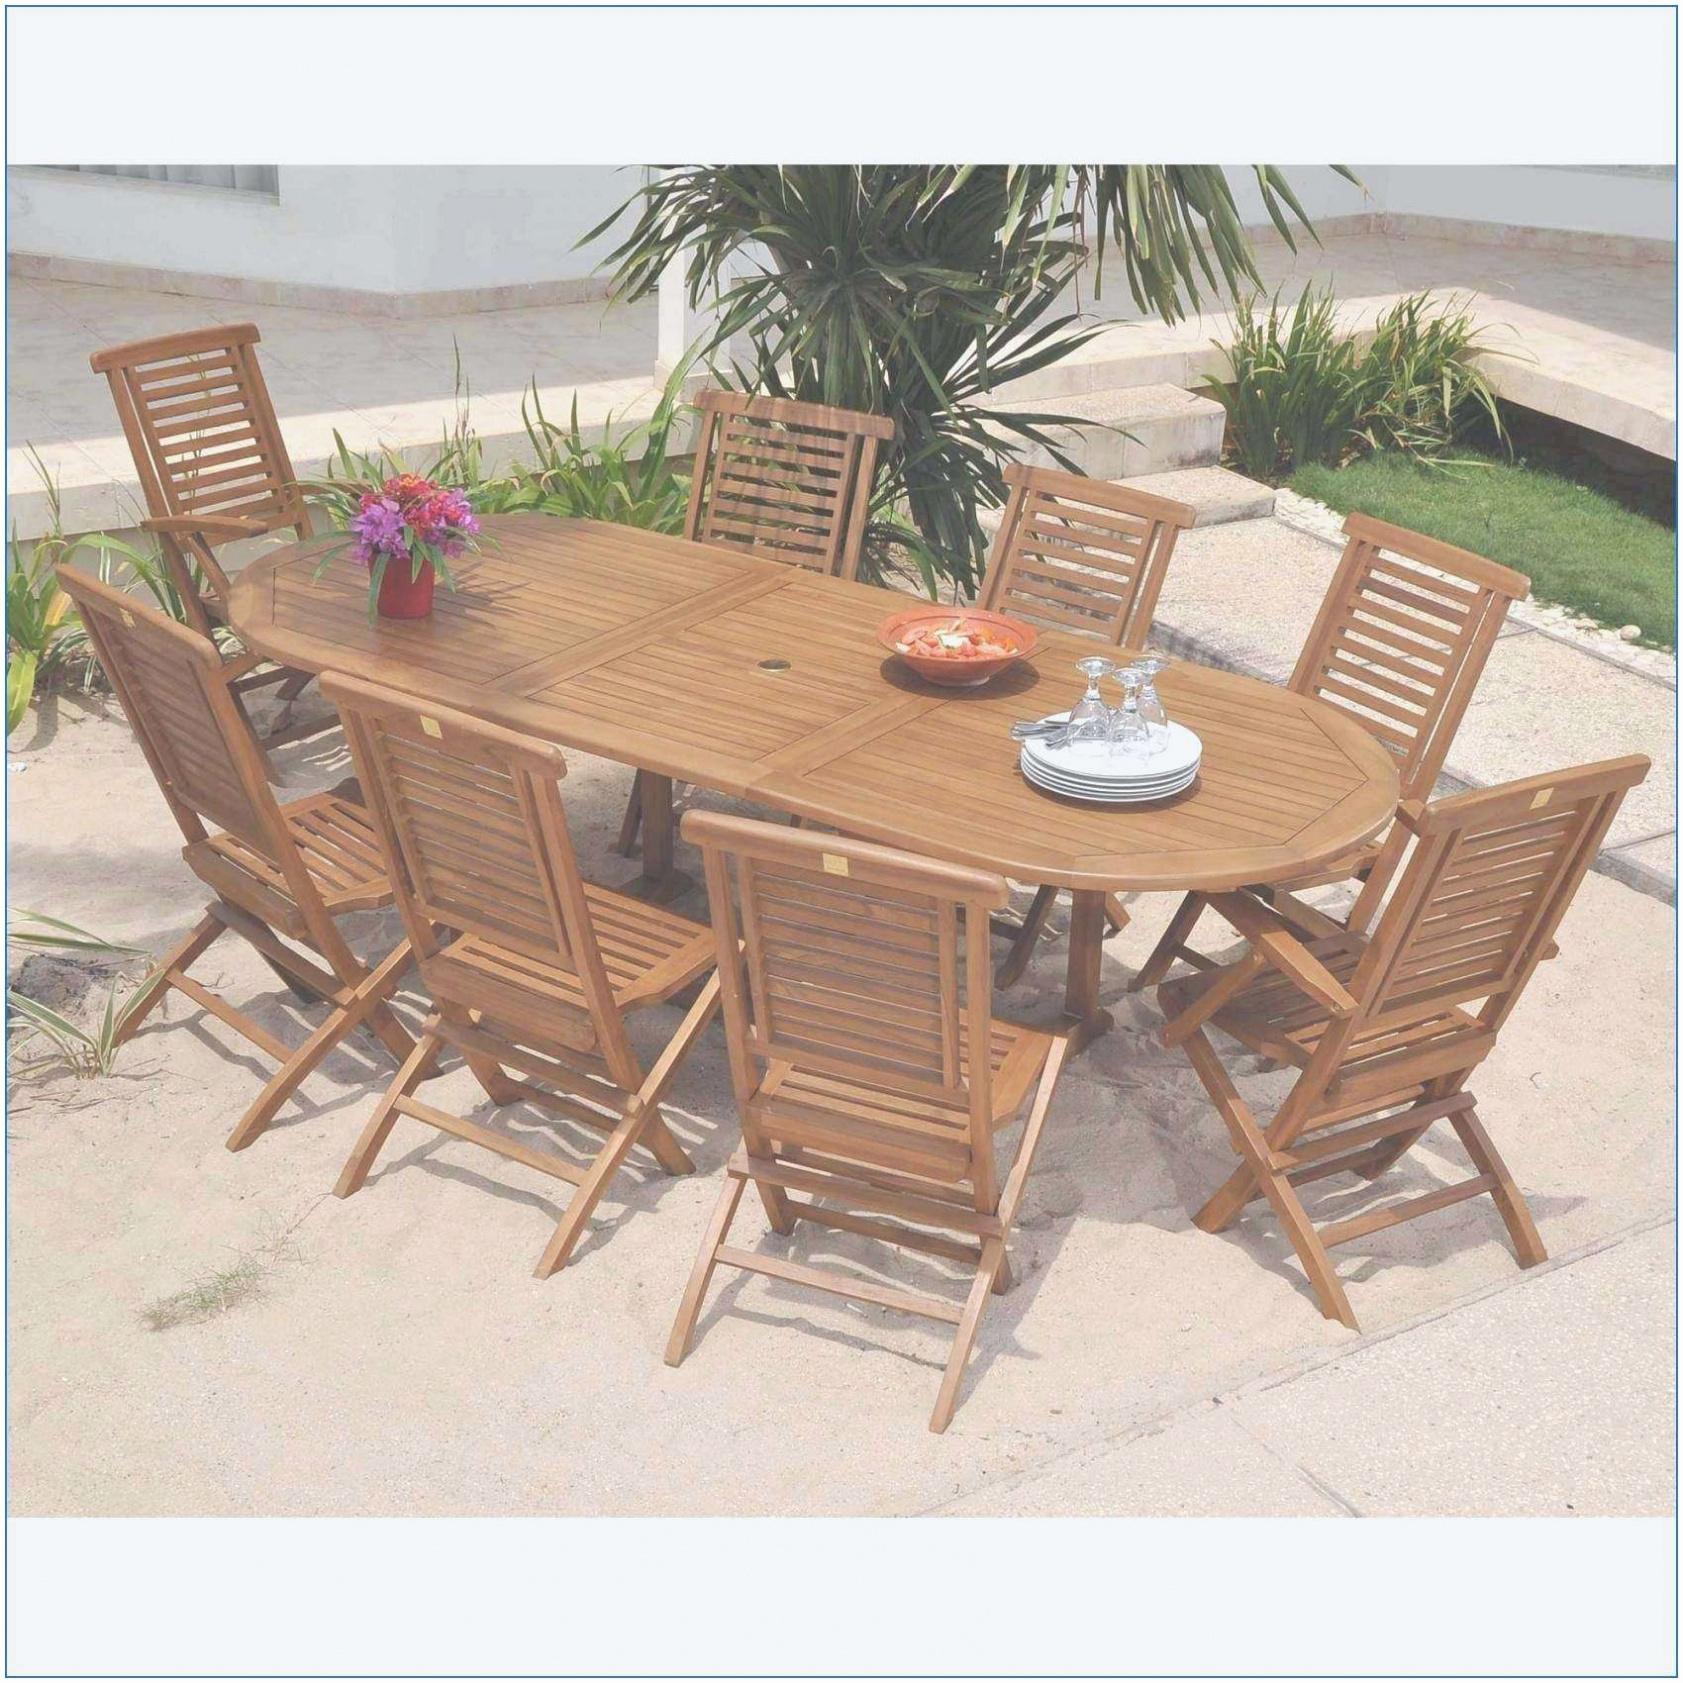 Mobilier Exterieur Design Frais Mobilier De Jardin Design Collections De Idee Deco Jardin